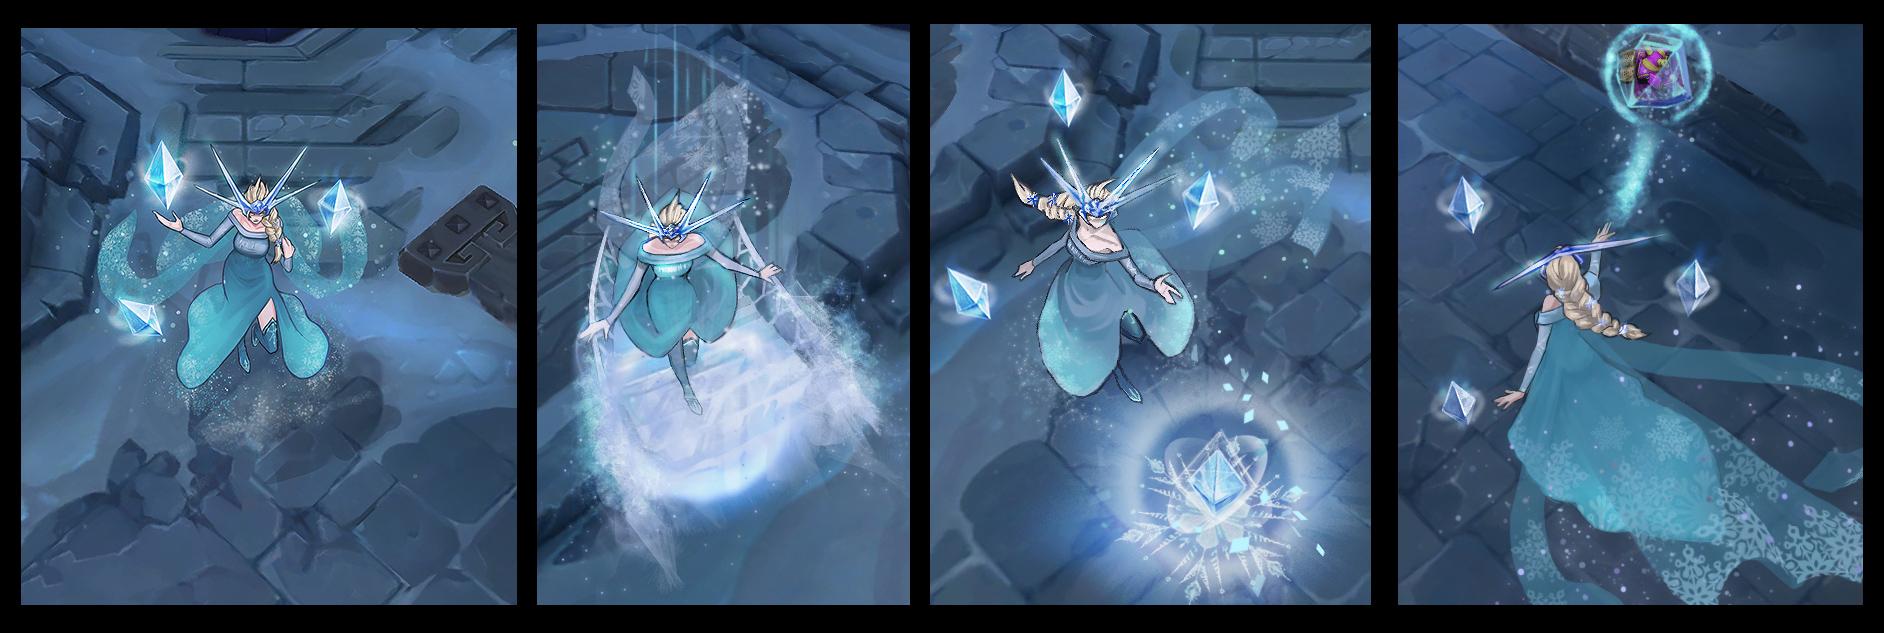 Ngắm trang phục mới của Syndra lấy ý tưởng từ Frozen 4